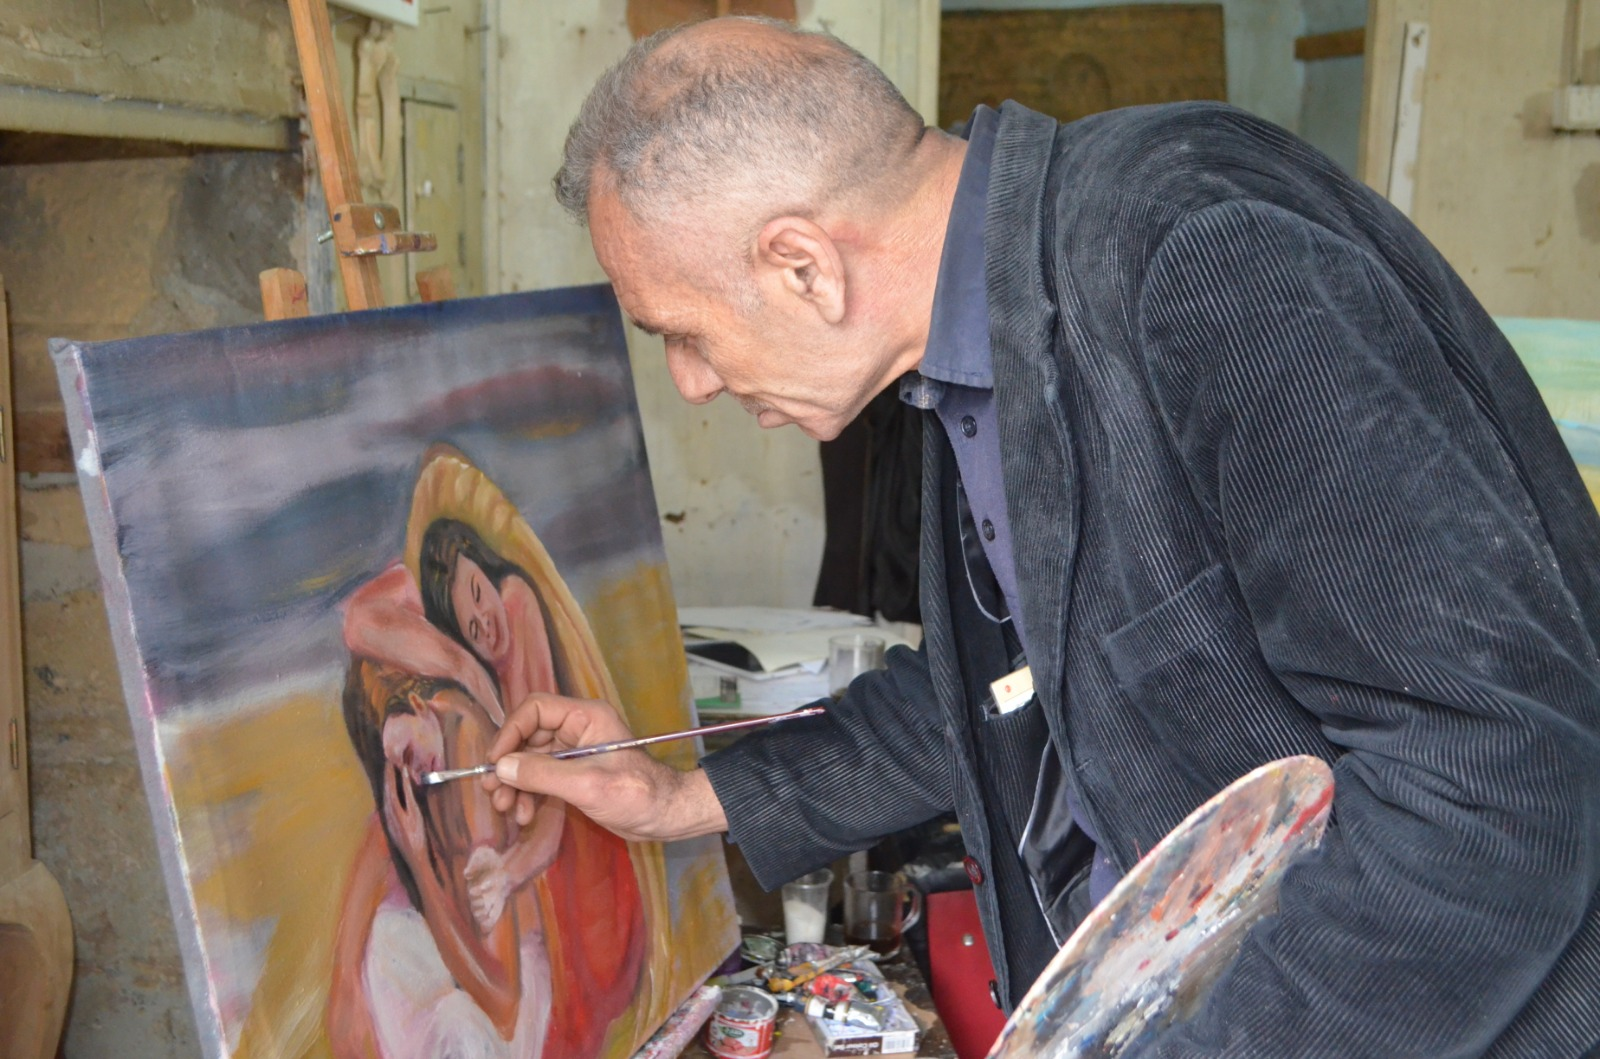 Halepli ressam artık barışı resmediyor